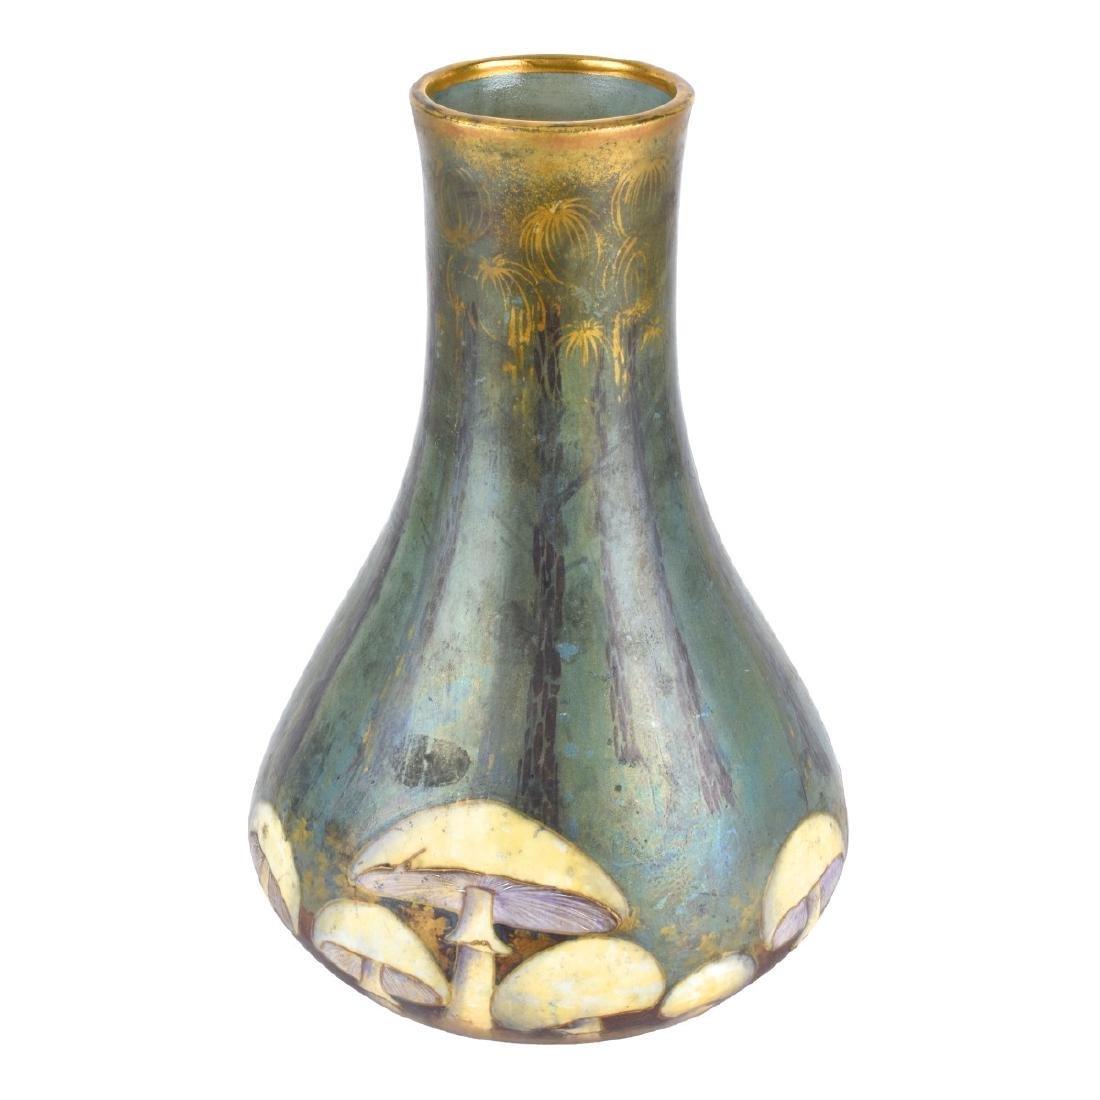 Amphora Turn Teplitz Mushroom Pottery Vase